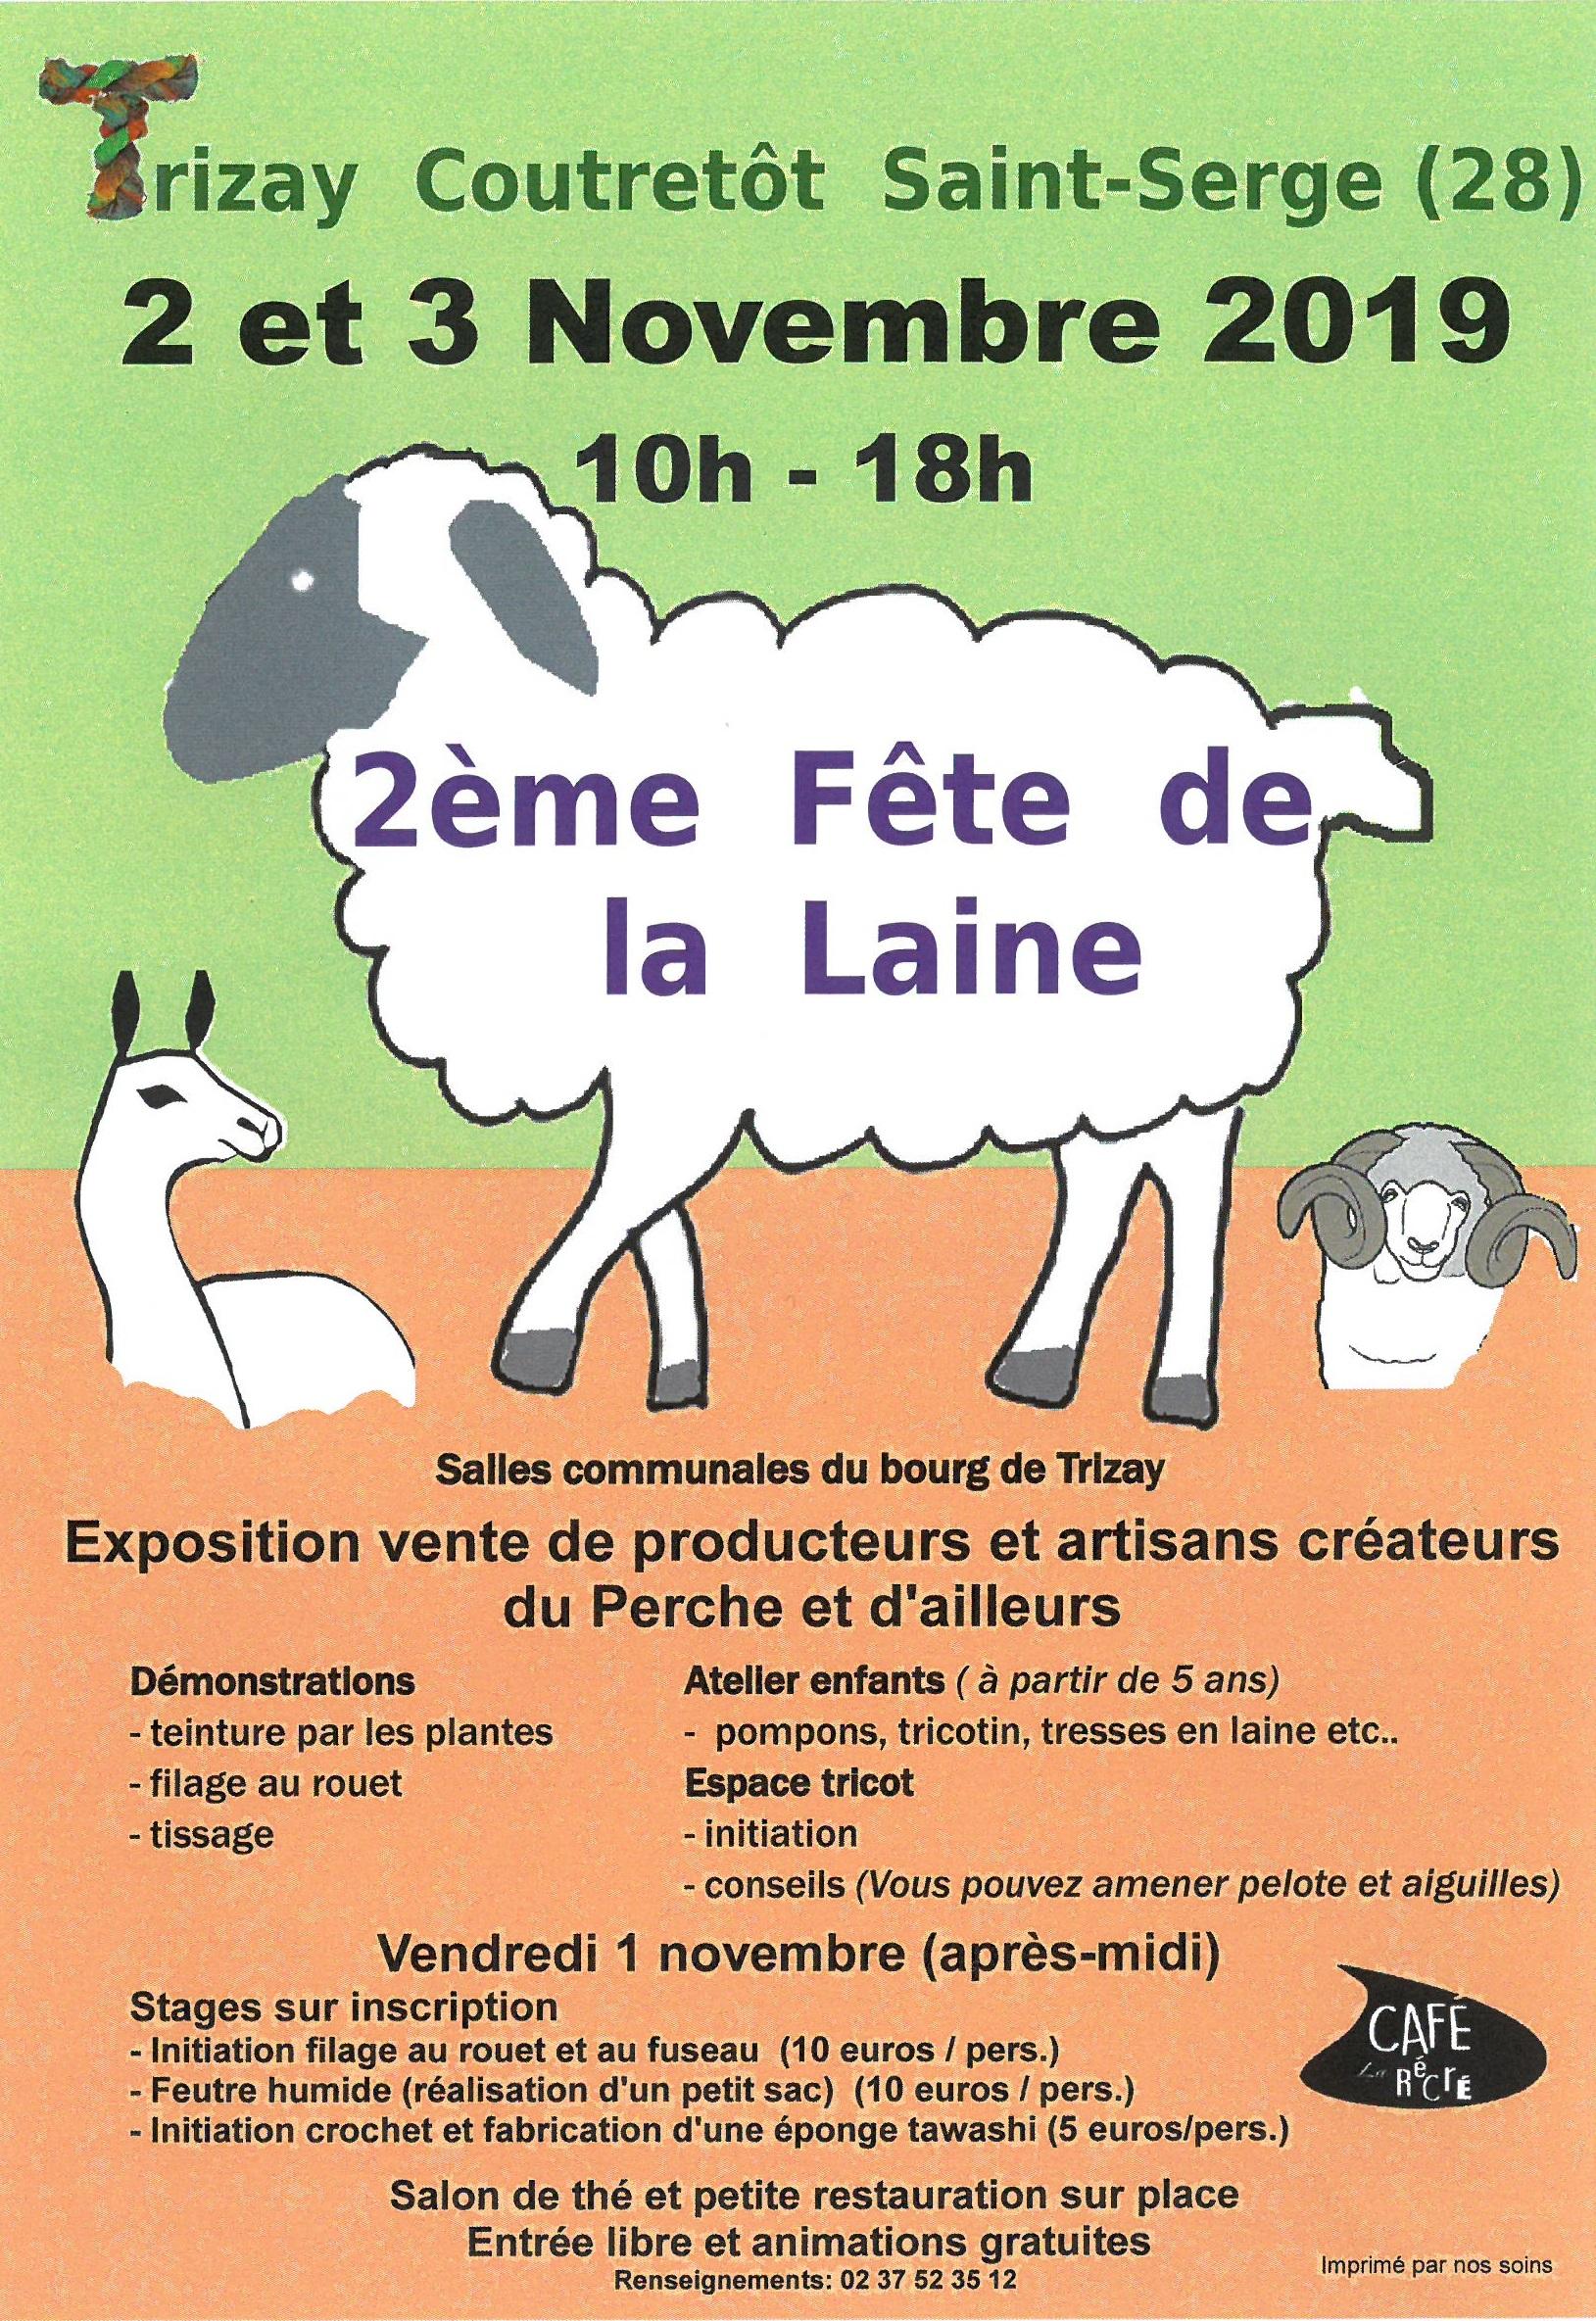 Stages à l'occasion de la Fête de la Laine à TRIZAY-COUTRETOT-SAINT-SERGE © Mairie Trizay